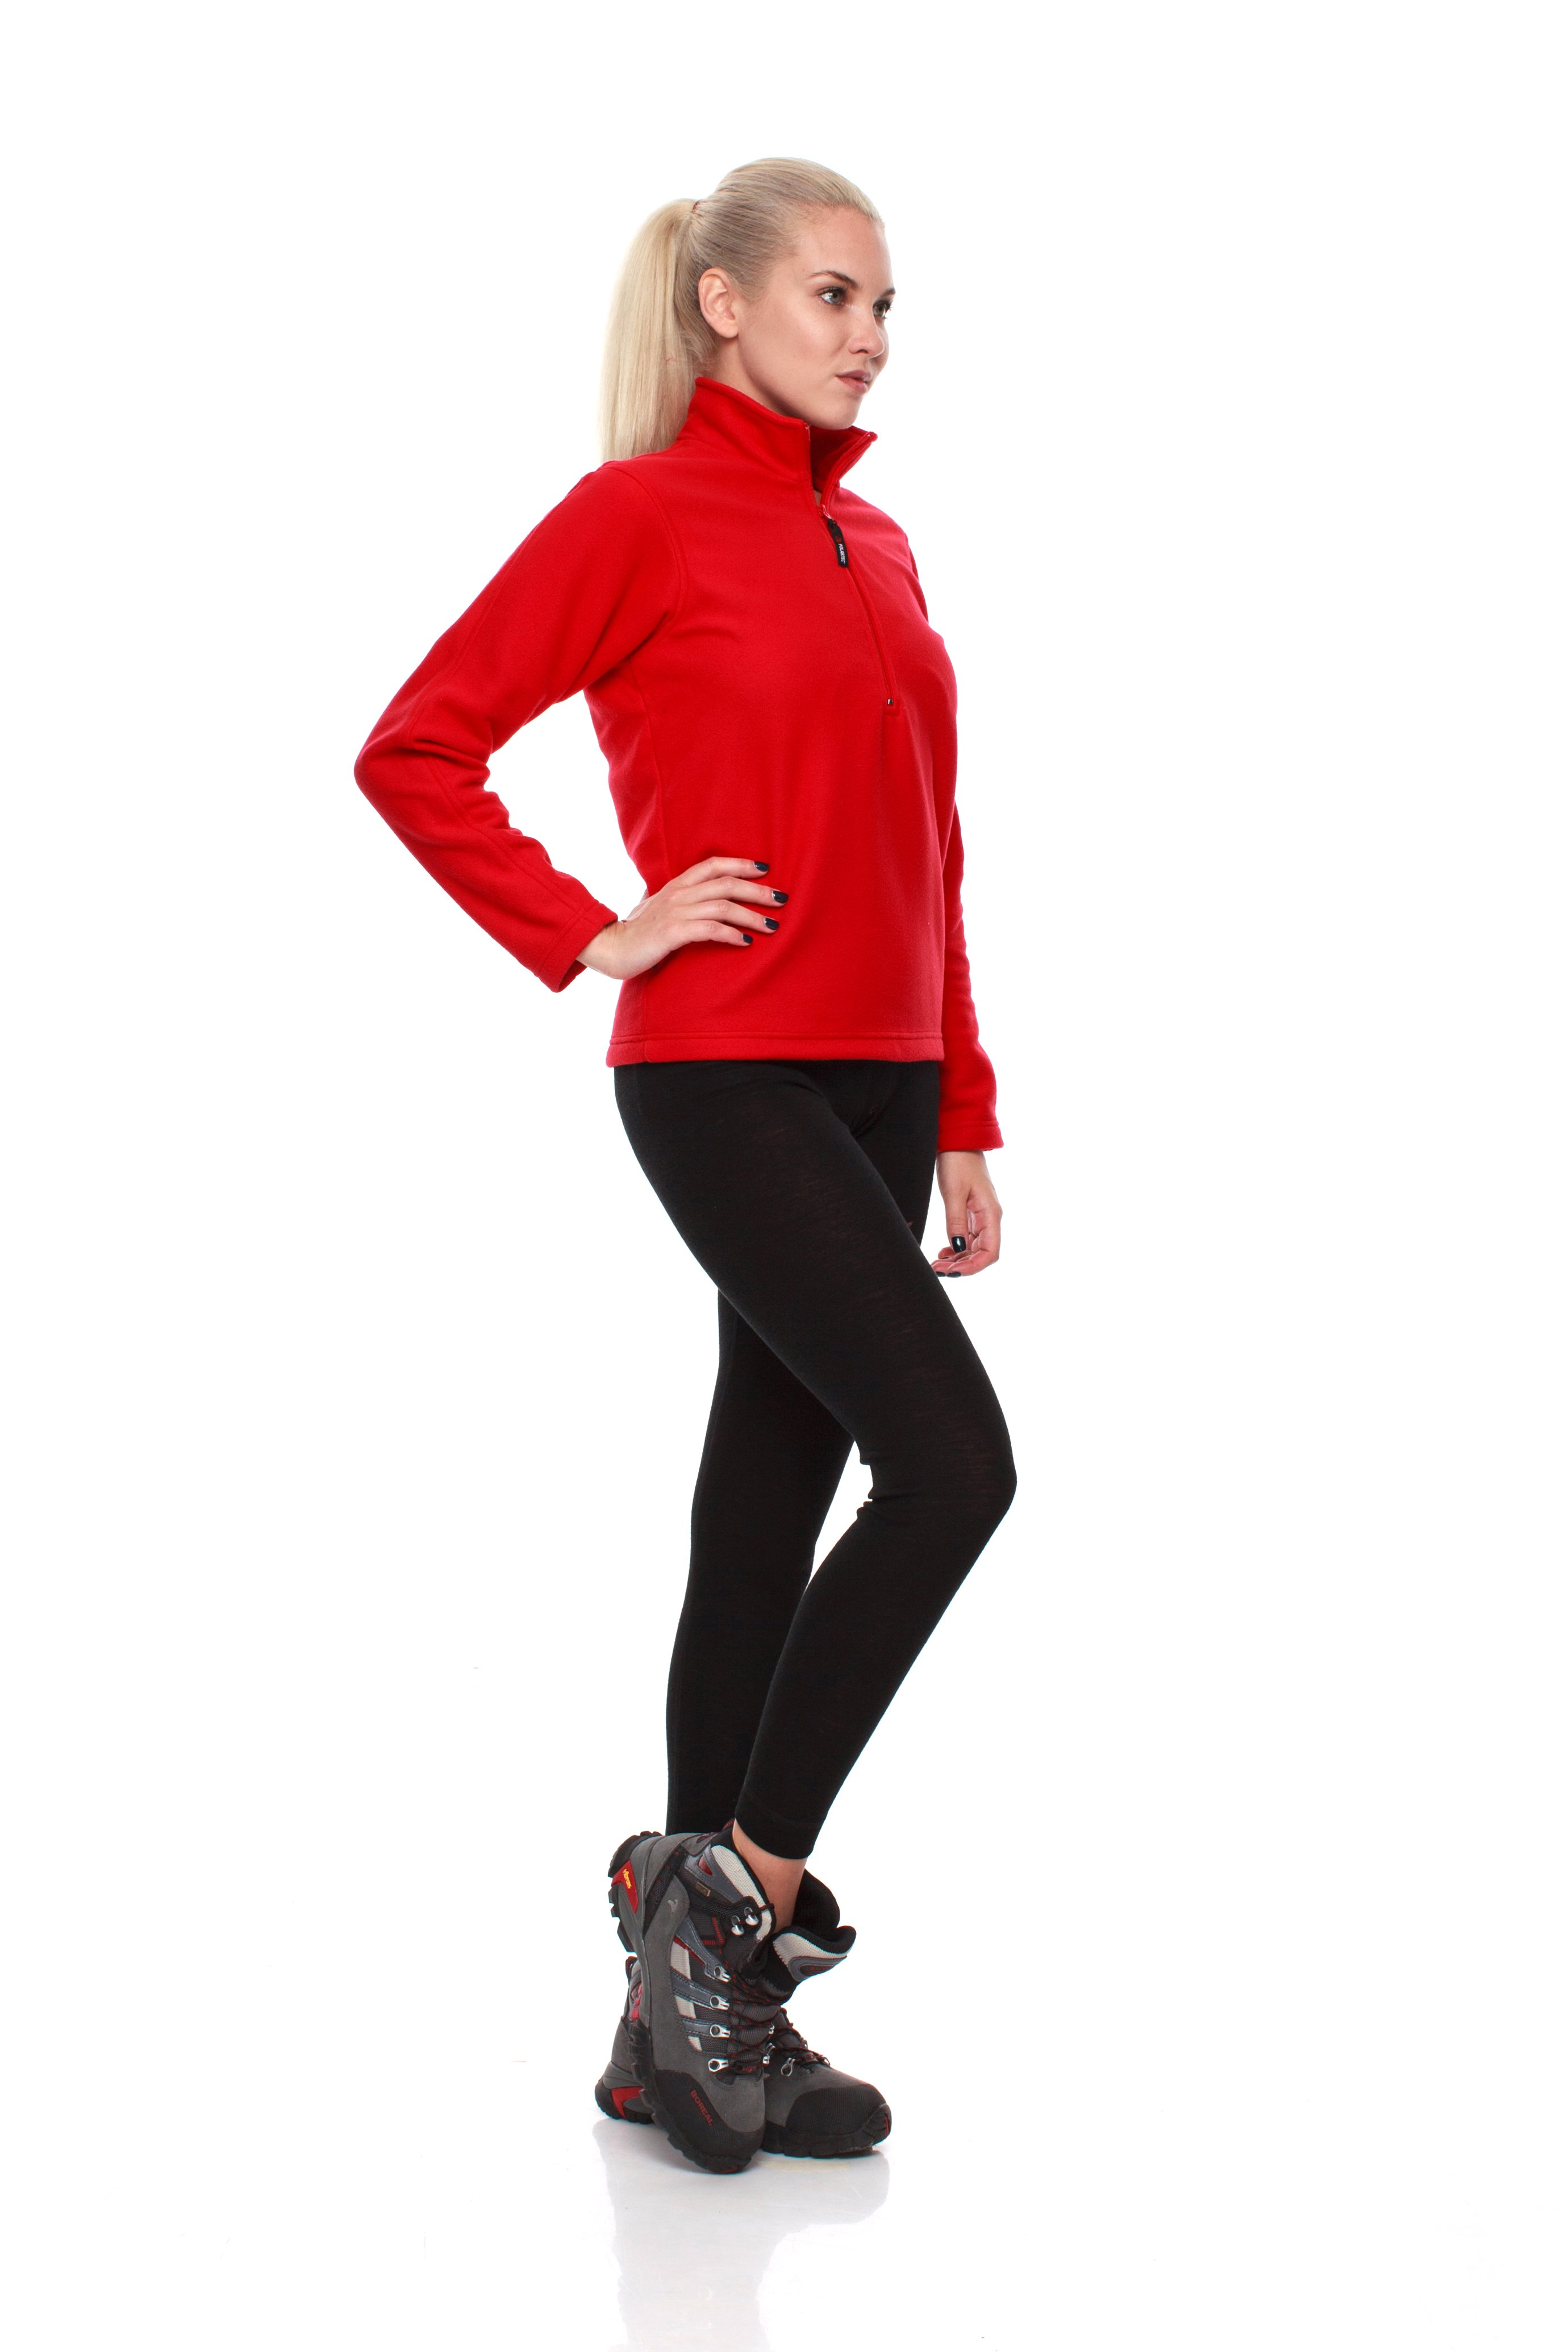 Куртка BASK SCORPIO LJ V2 z1217bЖенский пуловер из тонкой, мягкой и приятной для кожи ткани. Может использоваться как нижний слой в одежде.<br><br>Ветрозащитная планка: Нет<br>Пол: Жен.<br>Регулировка вентиляции: Нет<br>Регулировка низа: Нет<br>Регулируемые вентиляционные отверстия: Нет<br>Усиление контактных зон: Нет<br>Размер INT: L<br>Цвет: КРАСНЫЙ